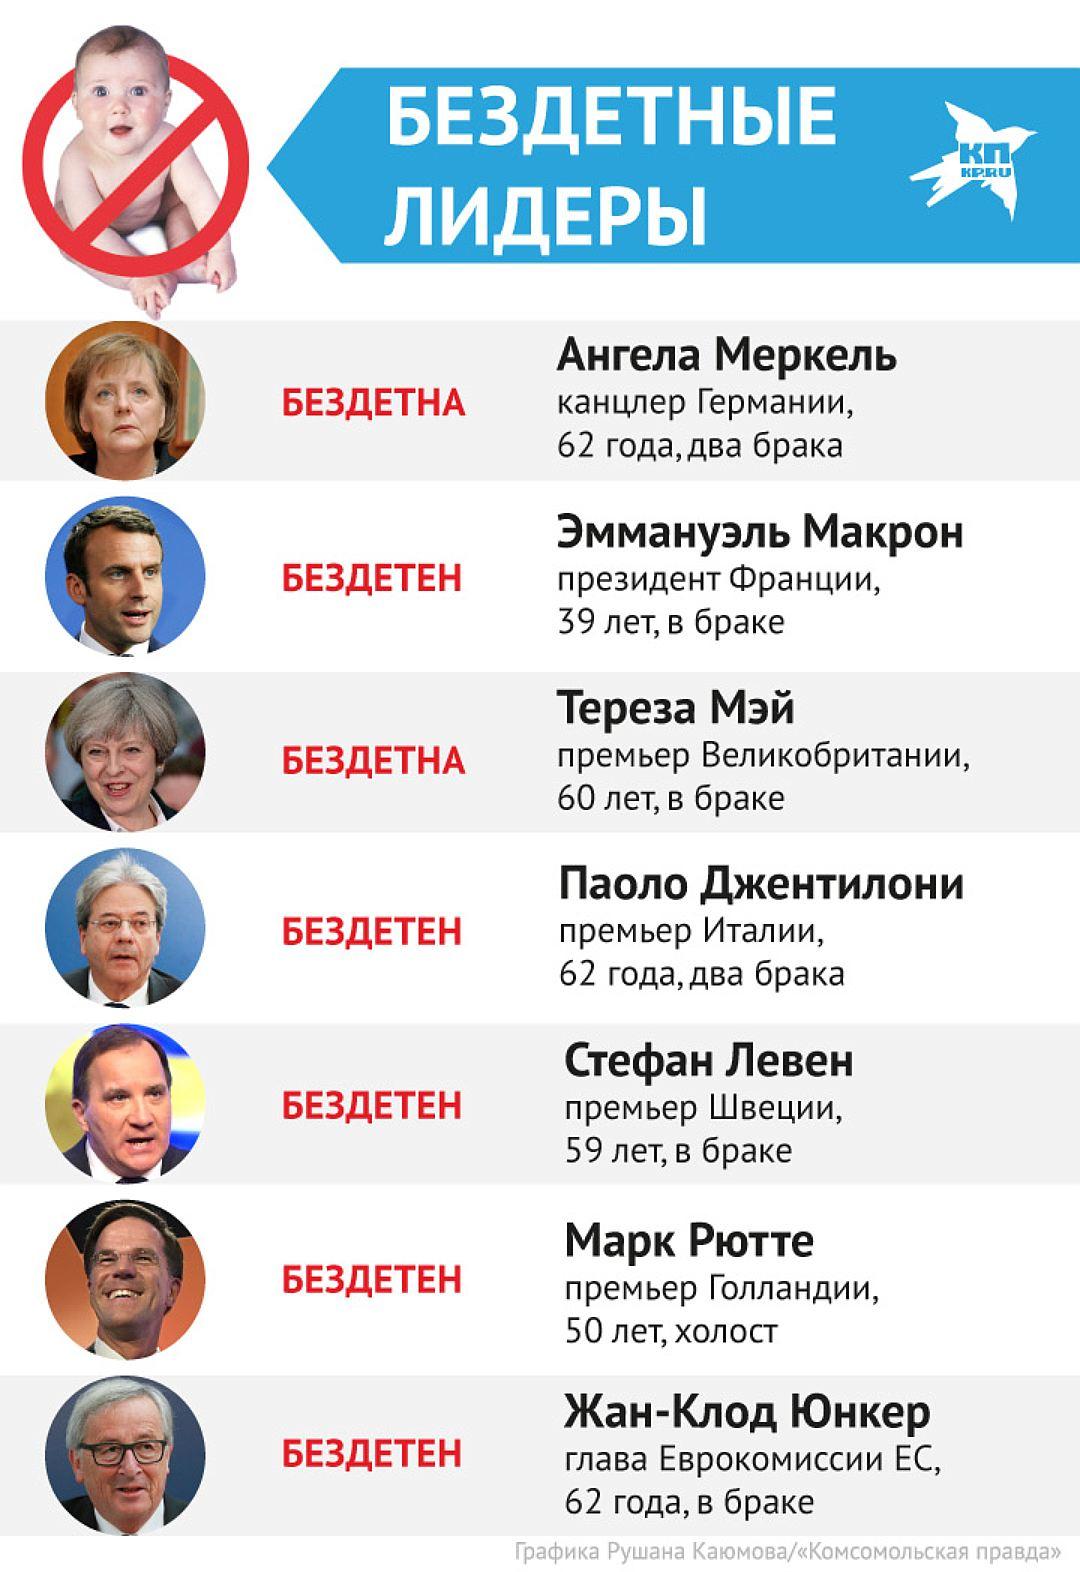 Бездетная Европа против России-матушки. Кто выживет?